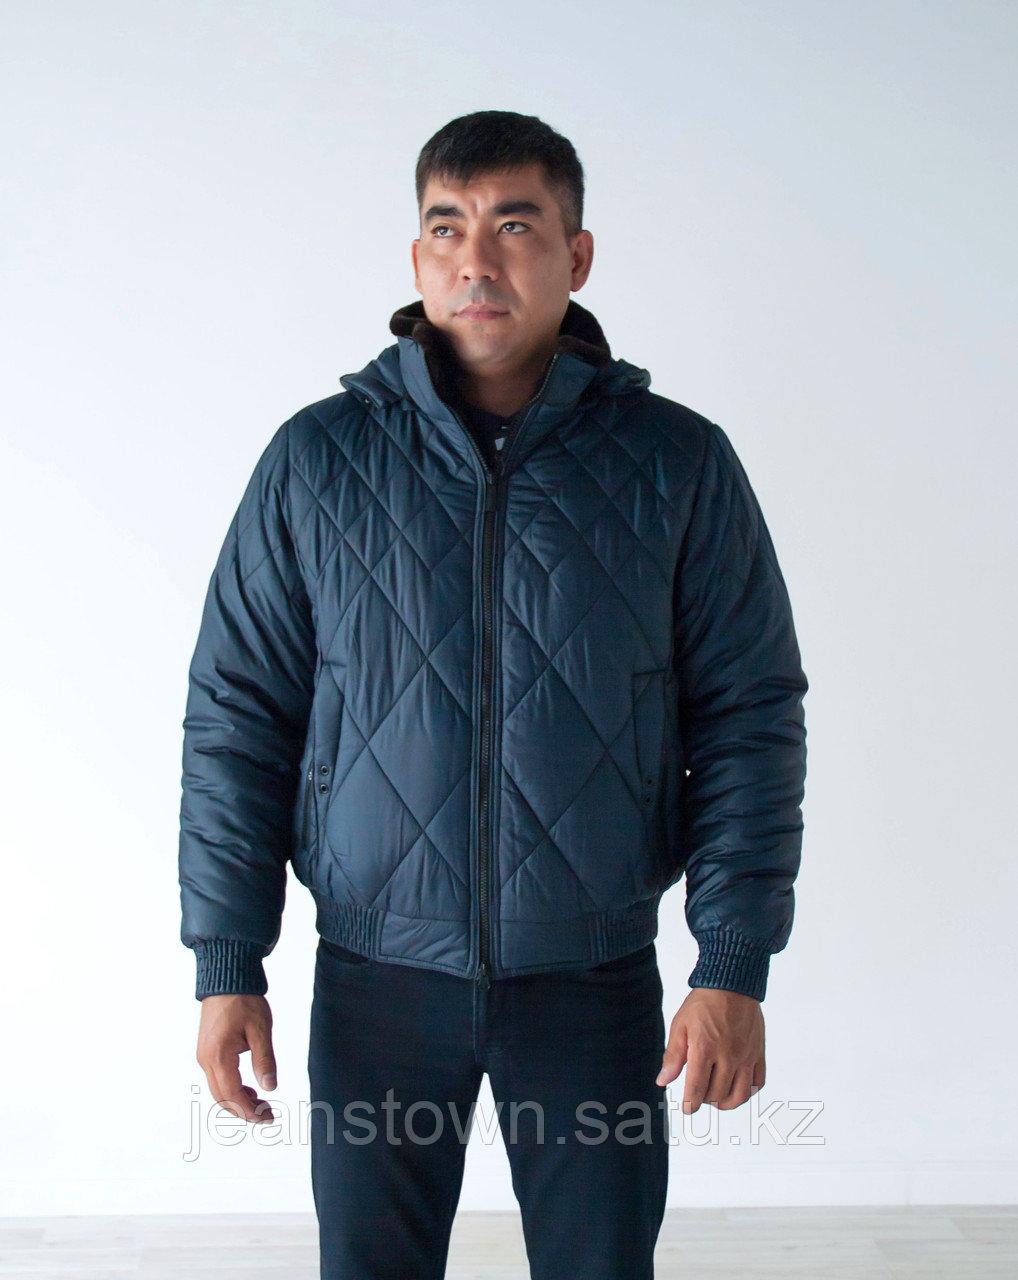 Куртка мужская зимняя City Class короткая,синяя